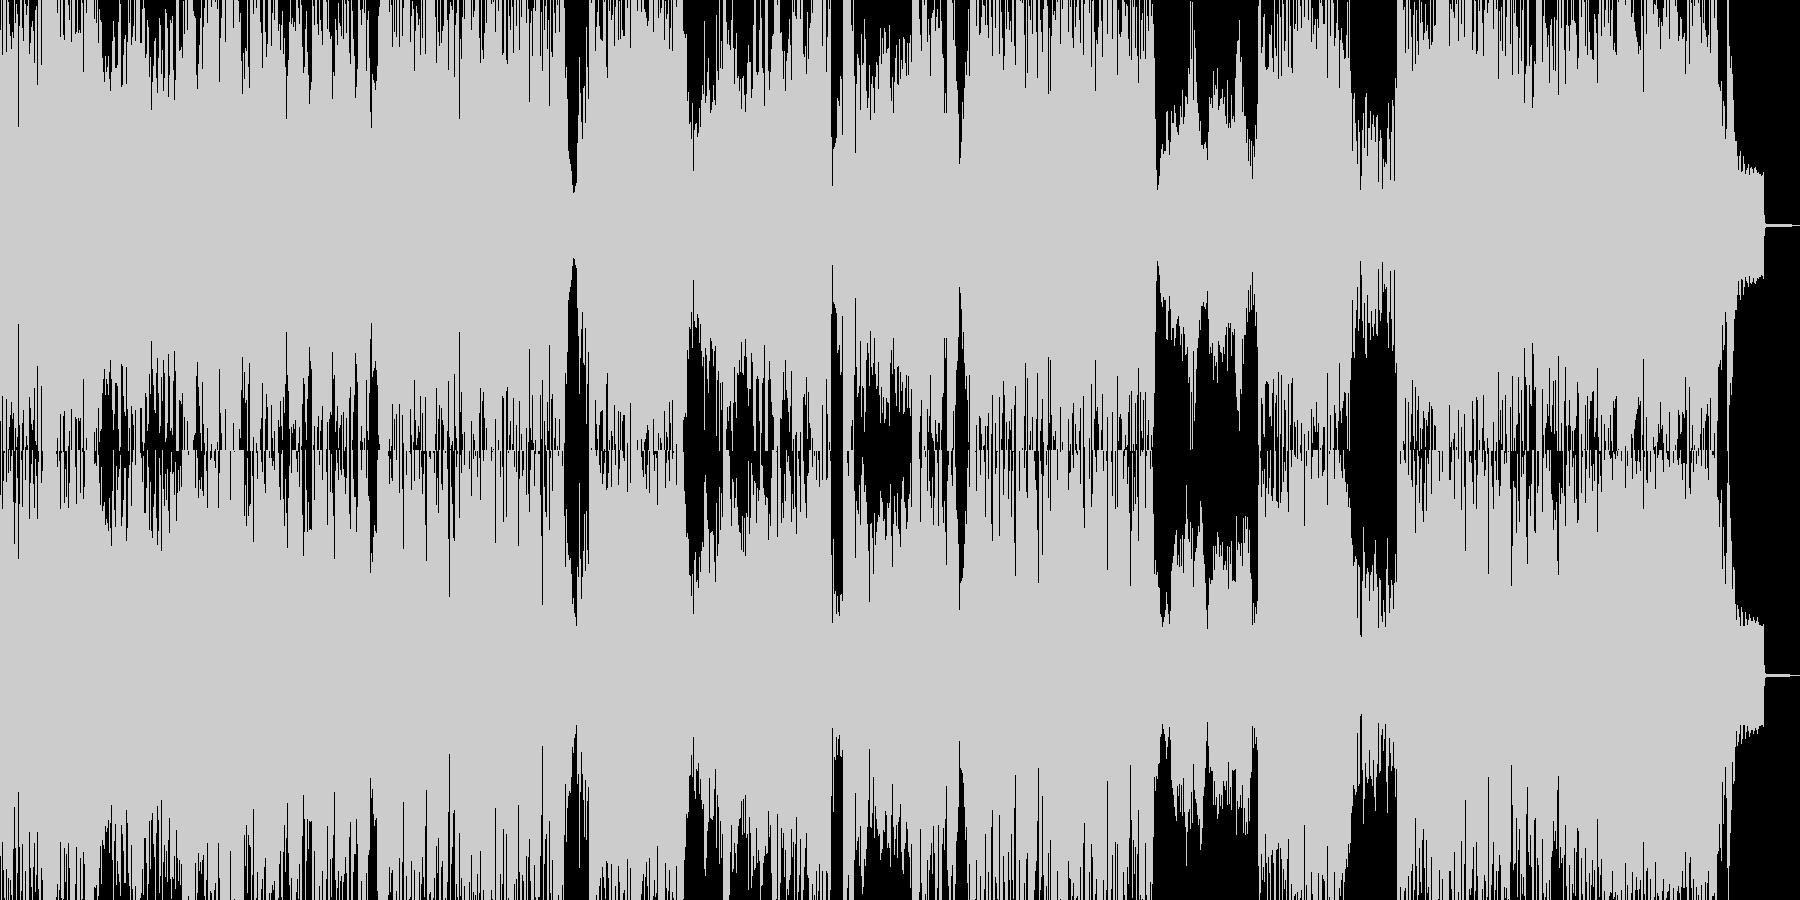 緊急、アシッドテイストなドラムンベースの未再生の波形